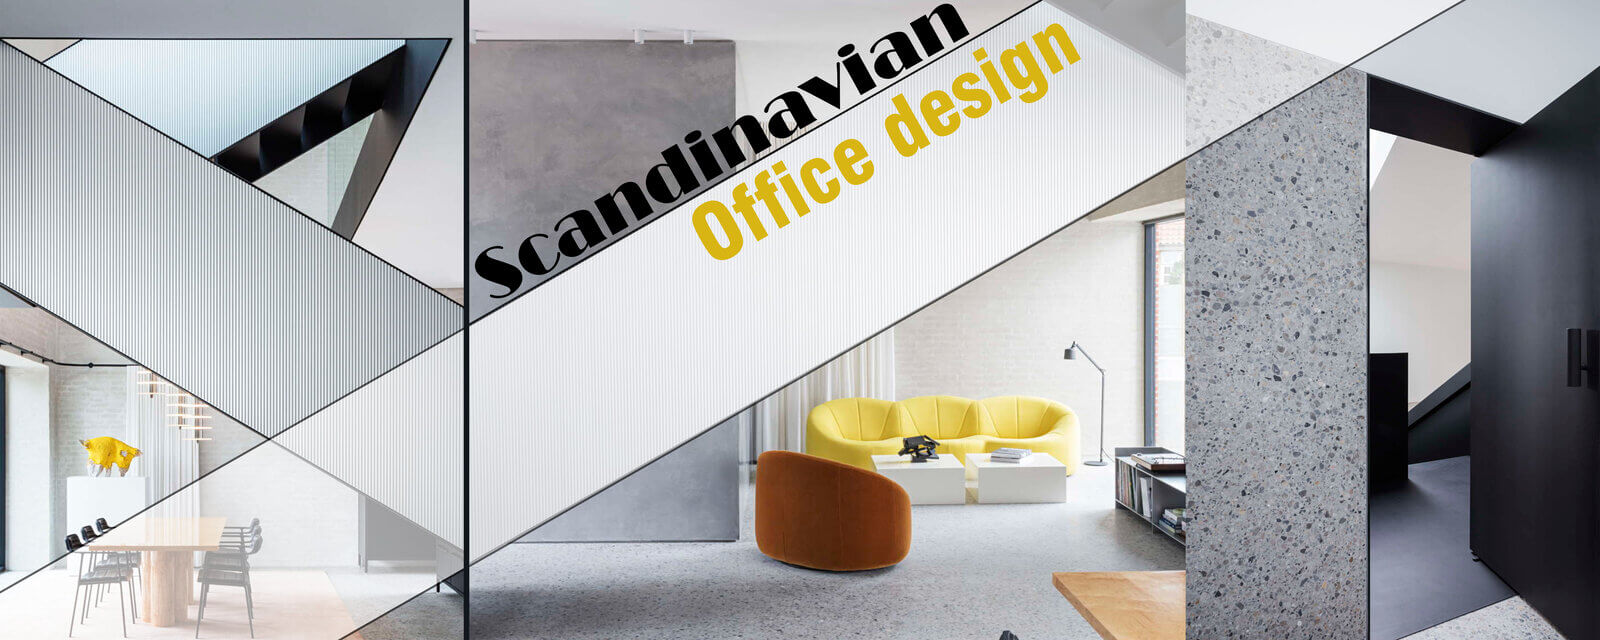 Scandinavian | Office Design